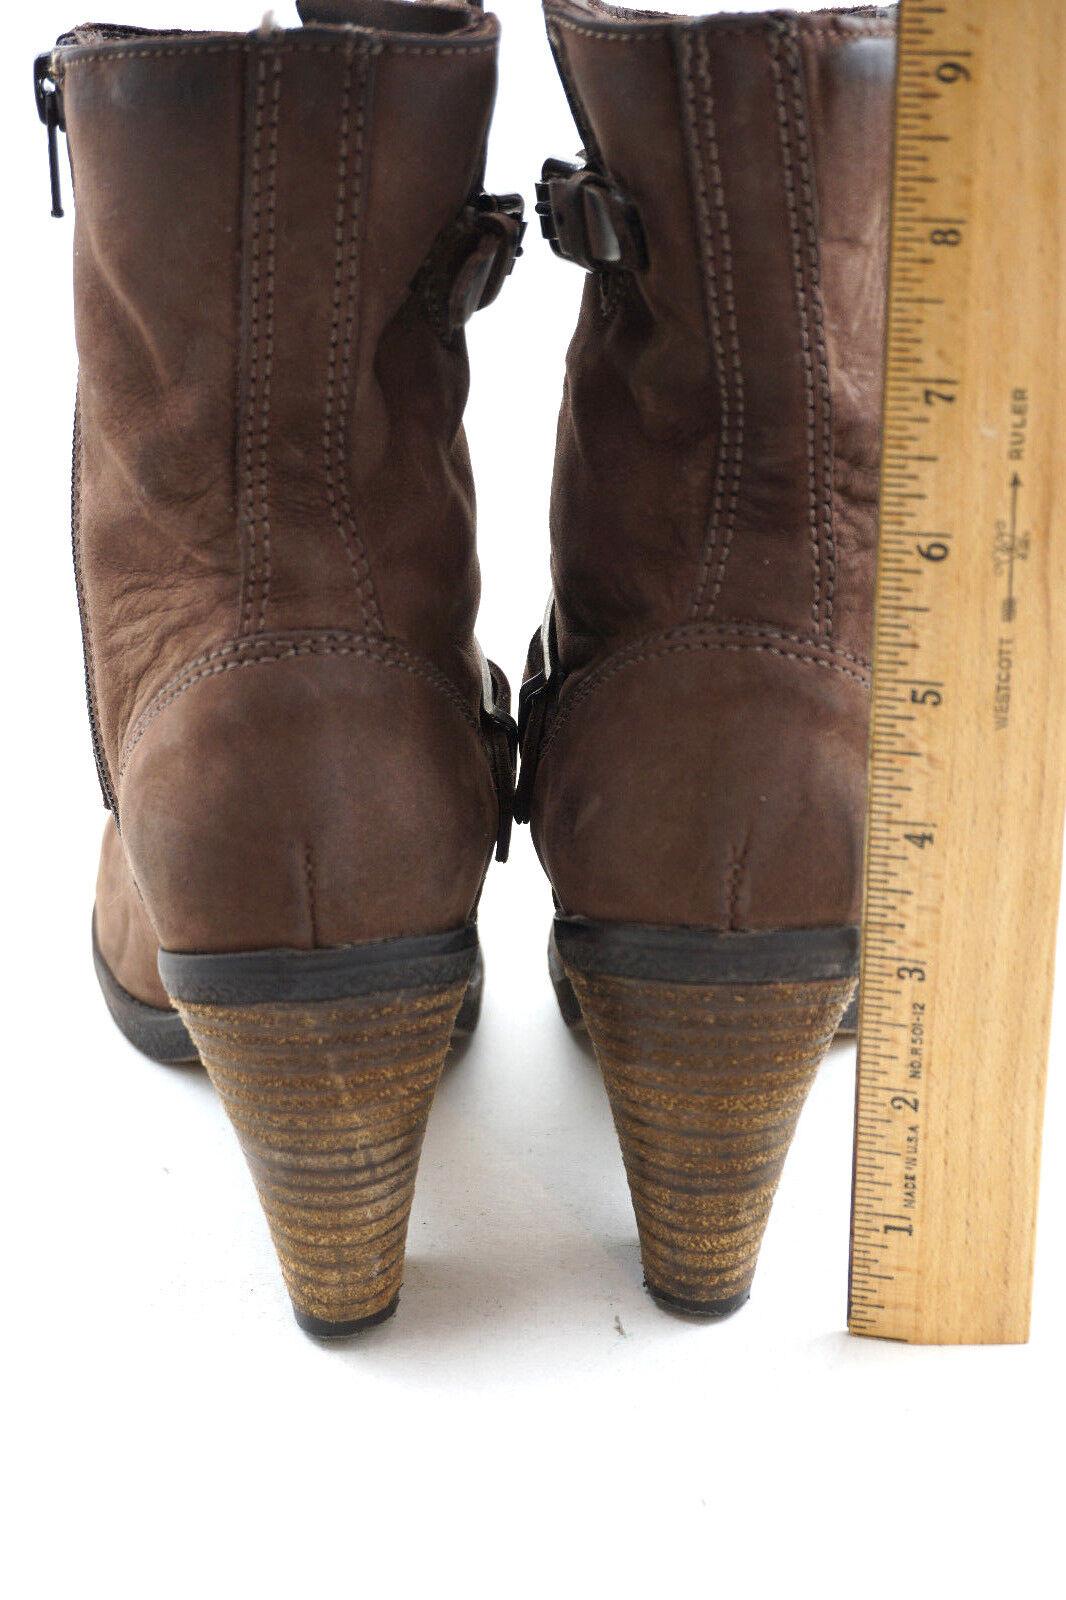 LA CANADIENNE dark Braun suede Leder ankle ankle Leder Stiefel US6 Zip Buckle accent e213d2